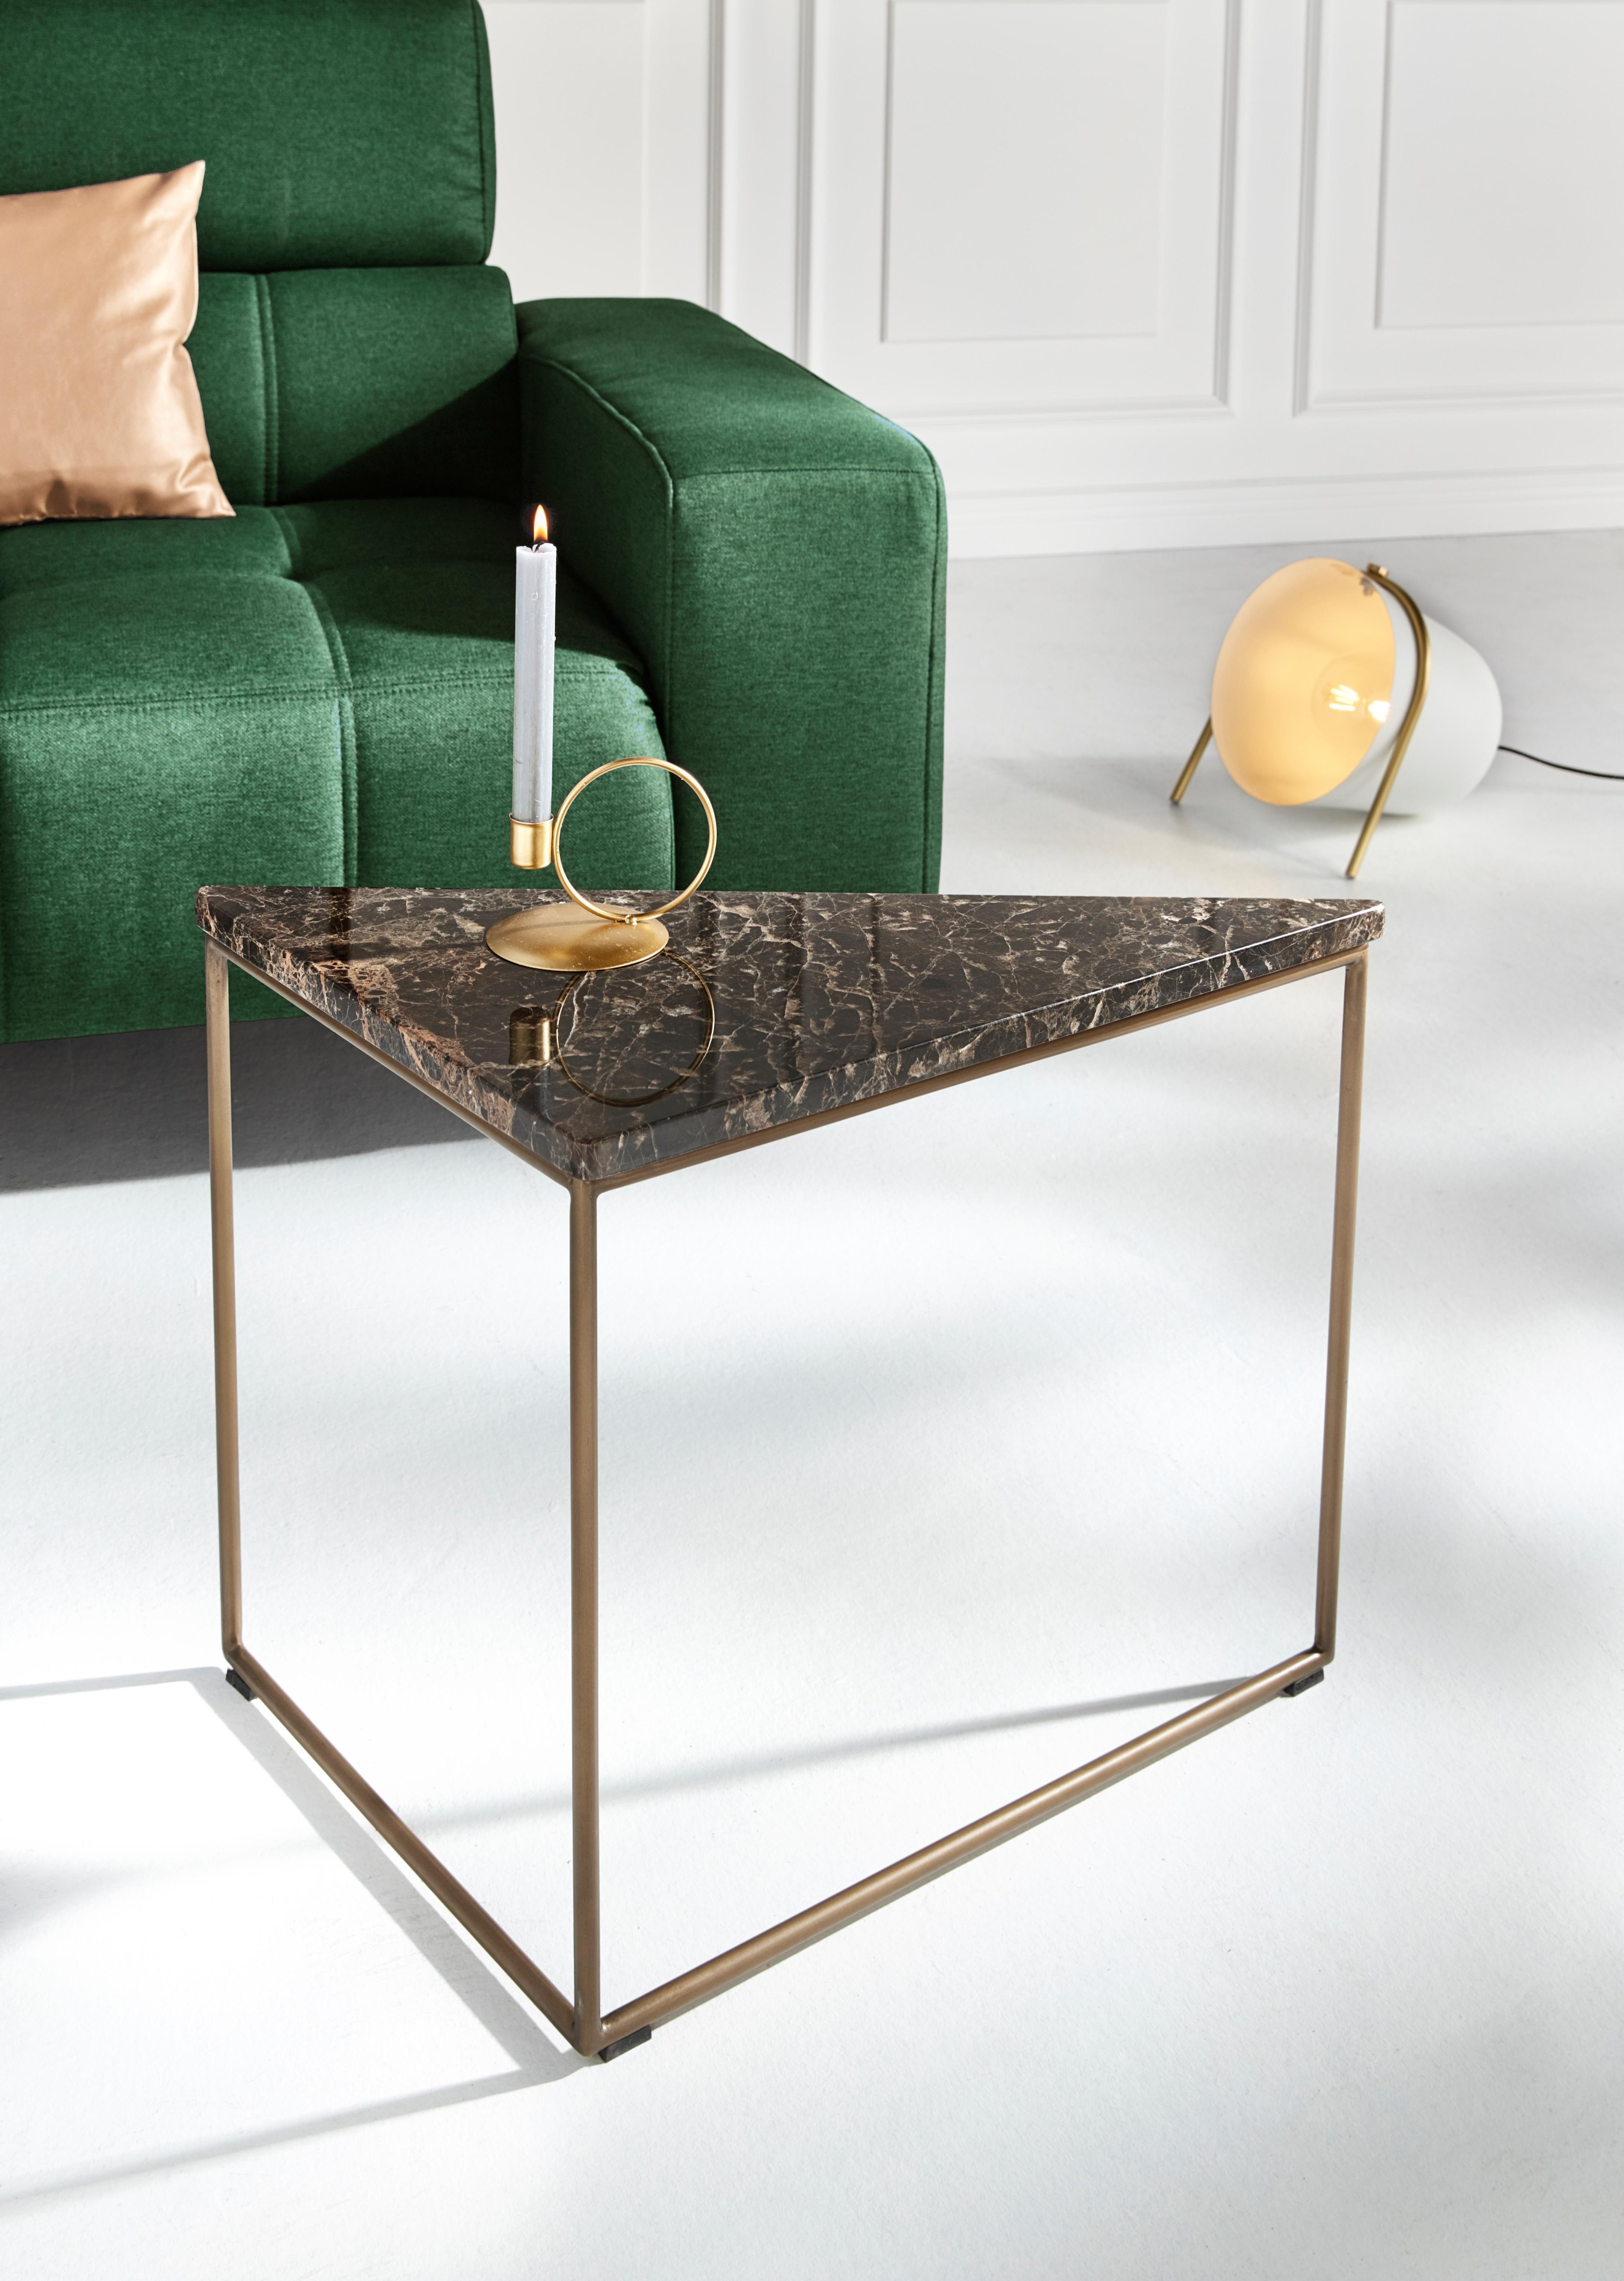 Inosign salontafel »Steph«, mit schöner Mamortischplatte und Metallbeinen aus gebürstetem Messing bij OTTO online kopen